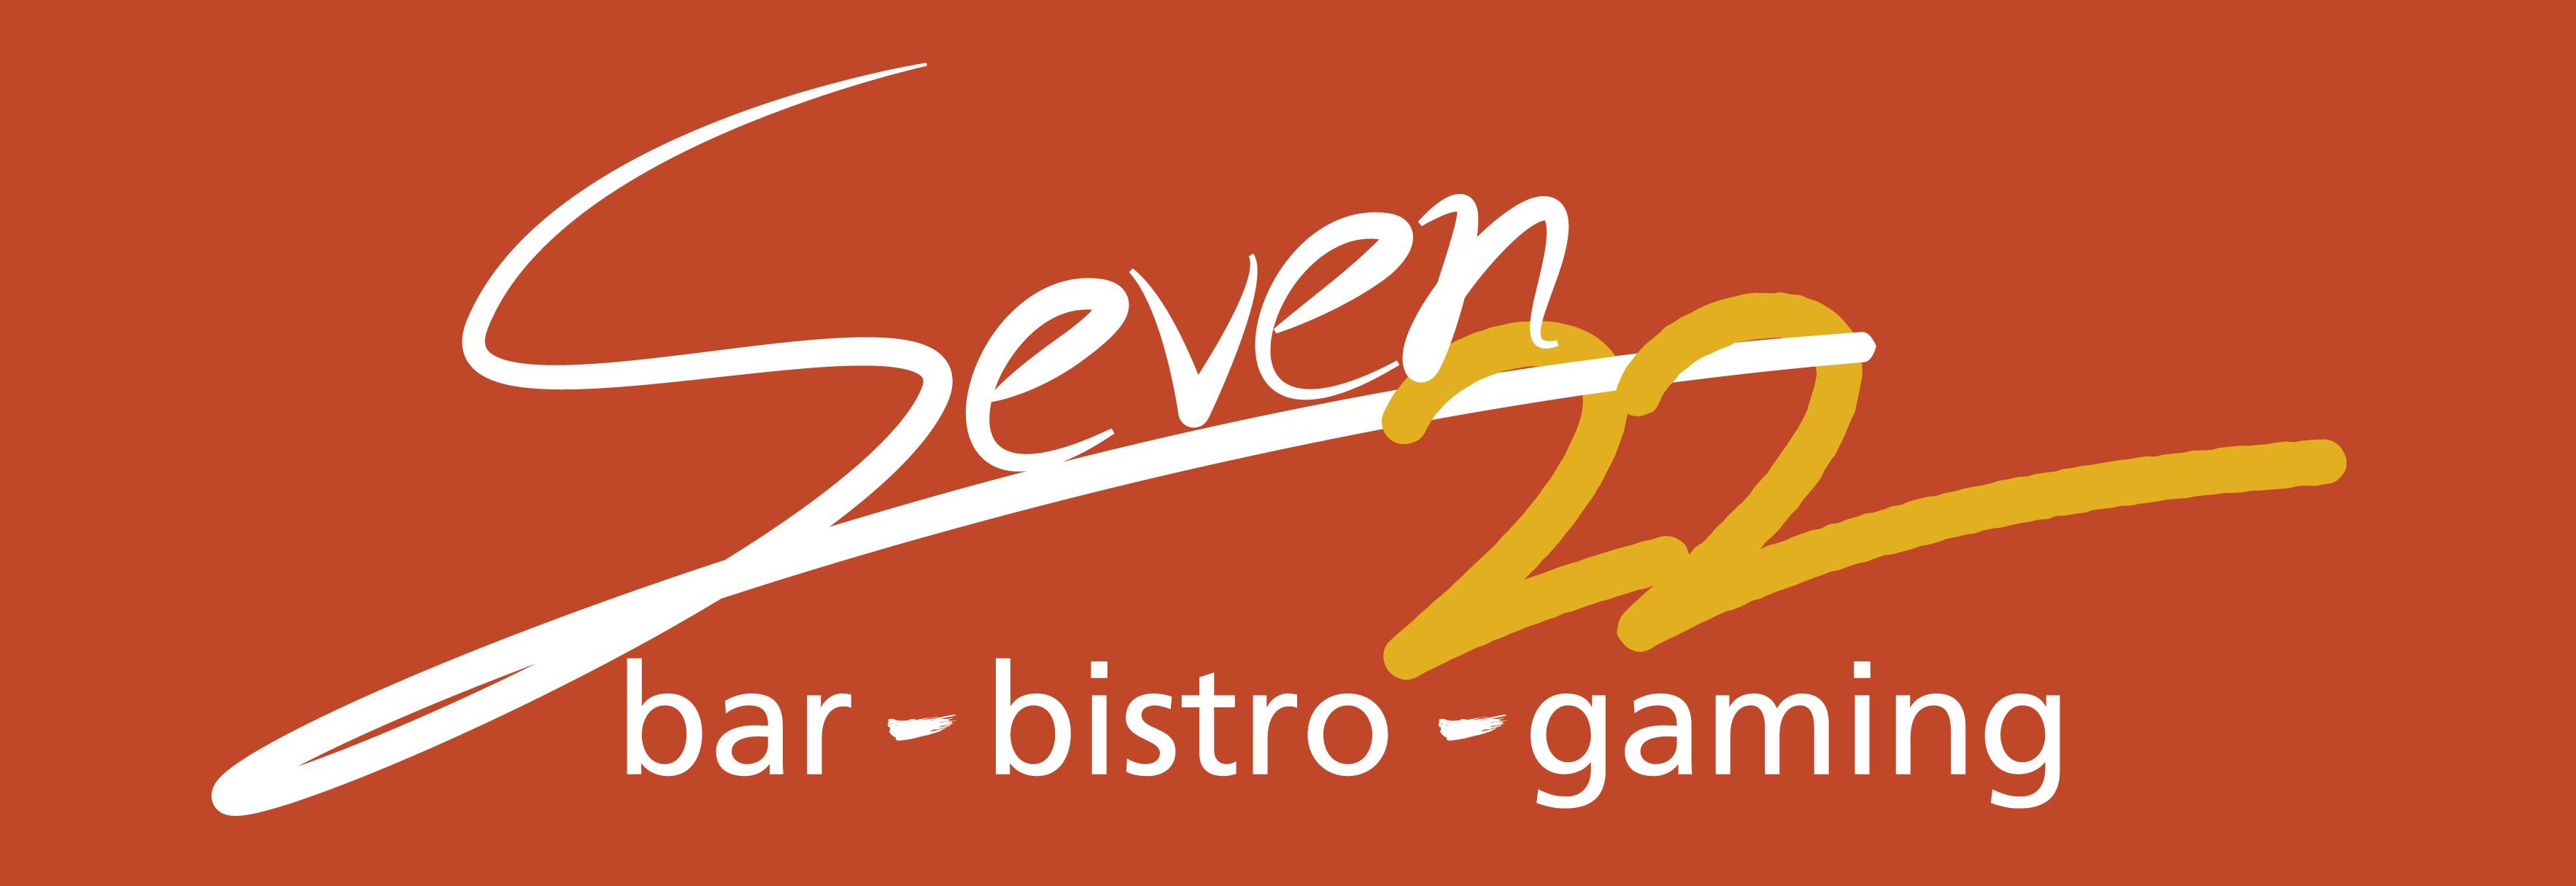 Seven22